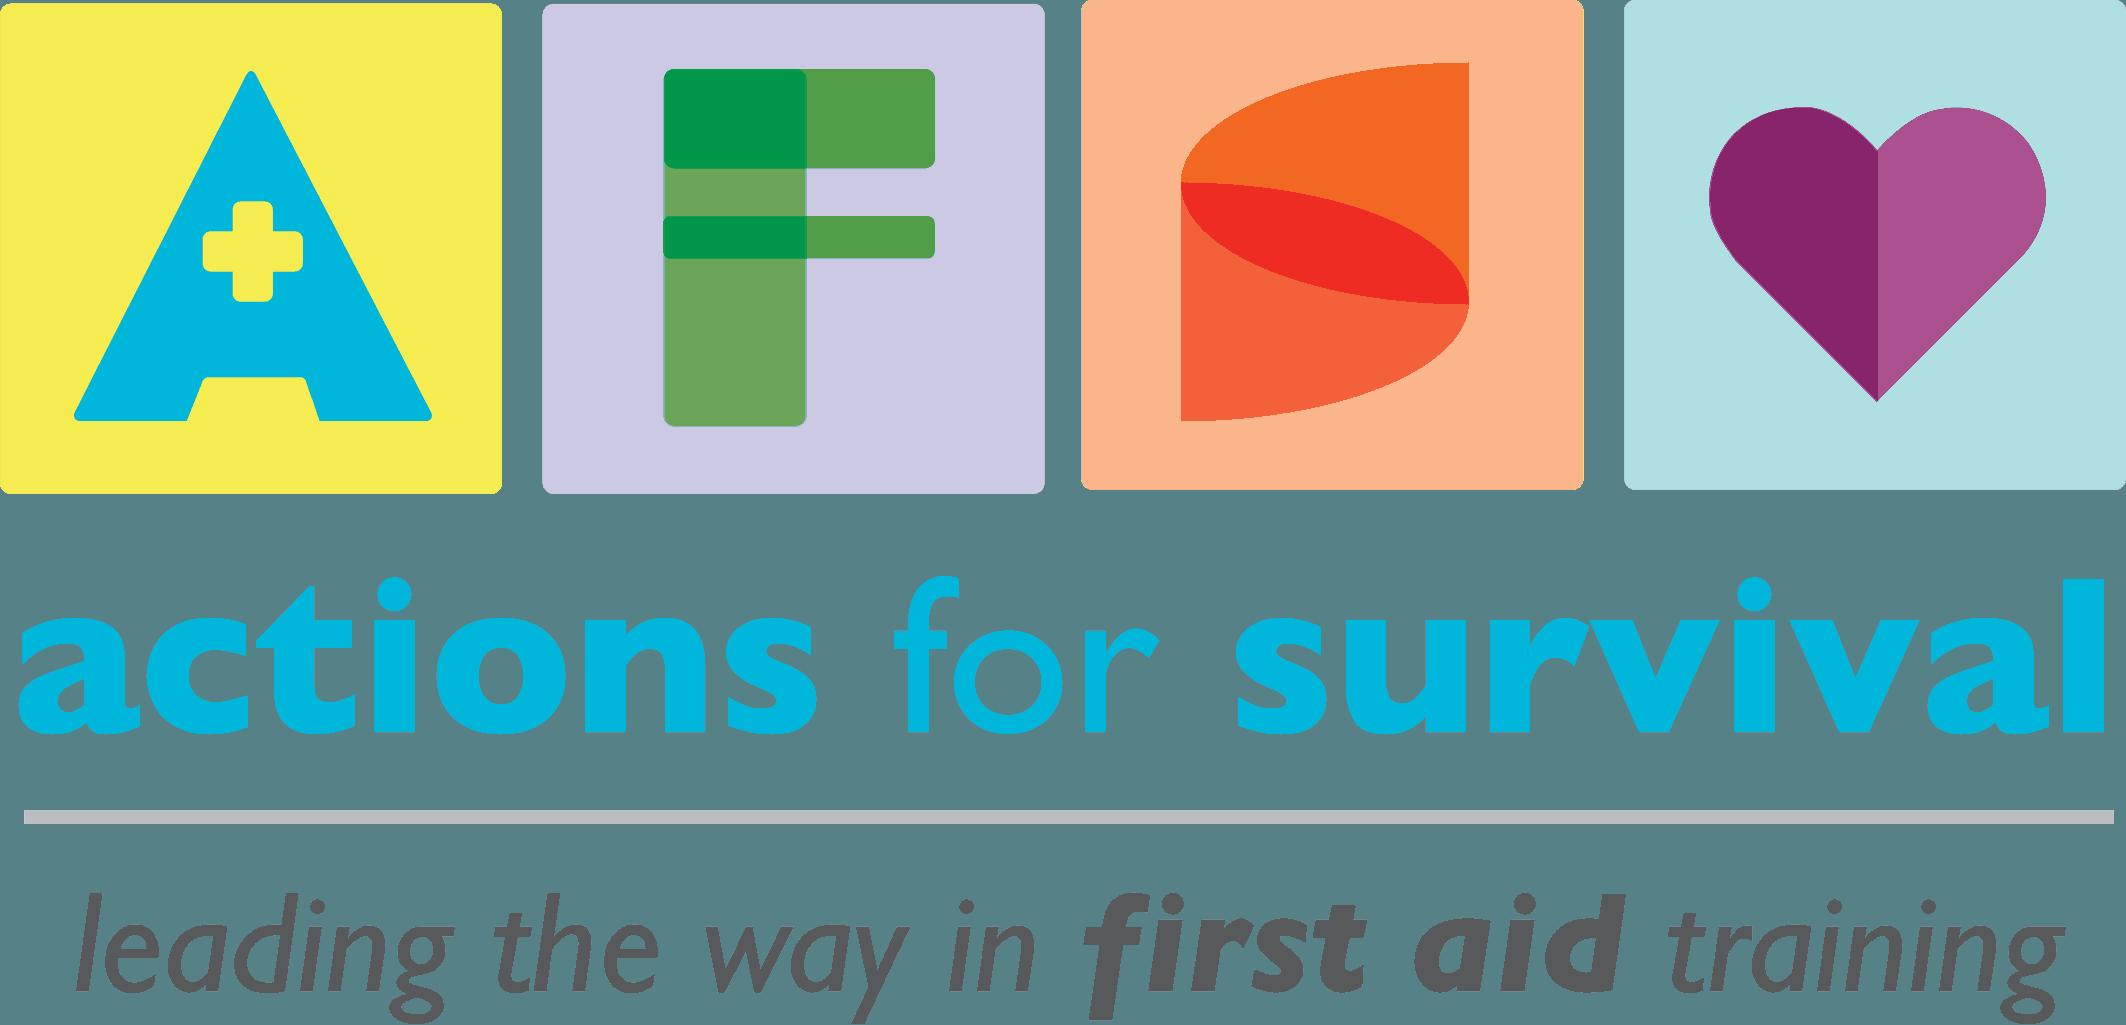 www.actionsforsurvival.com